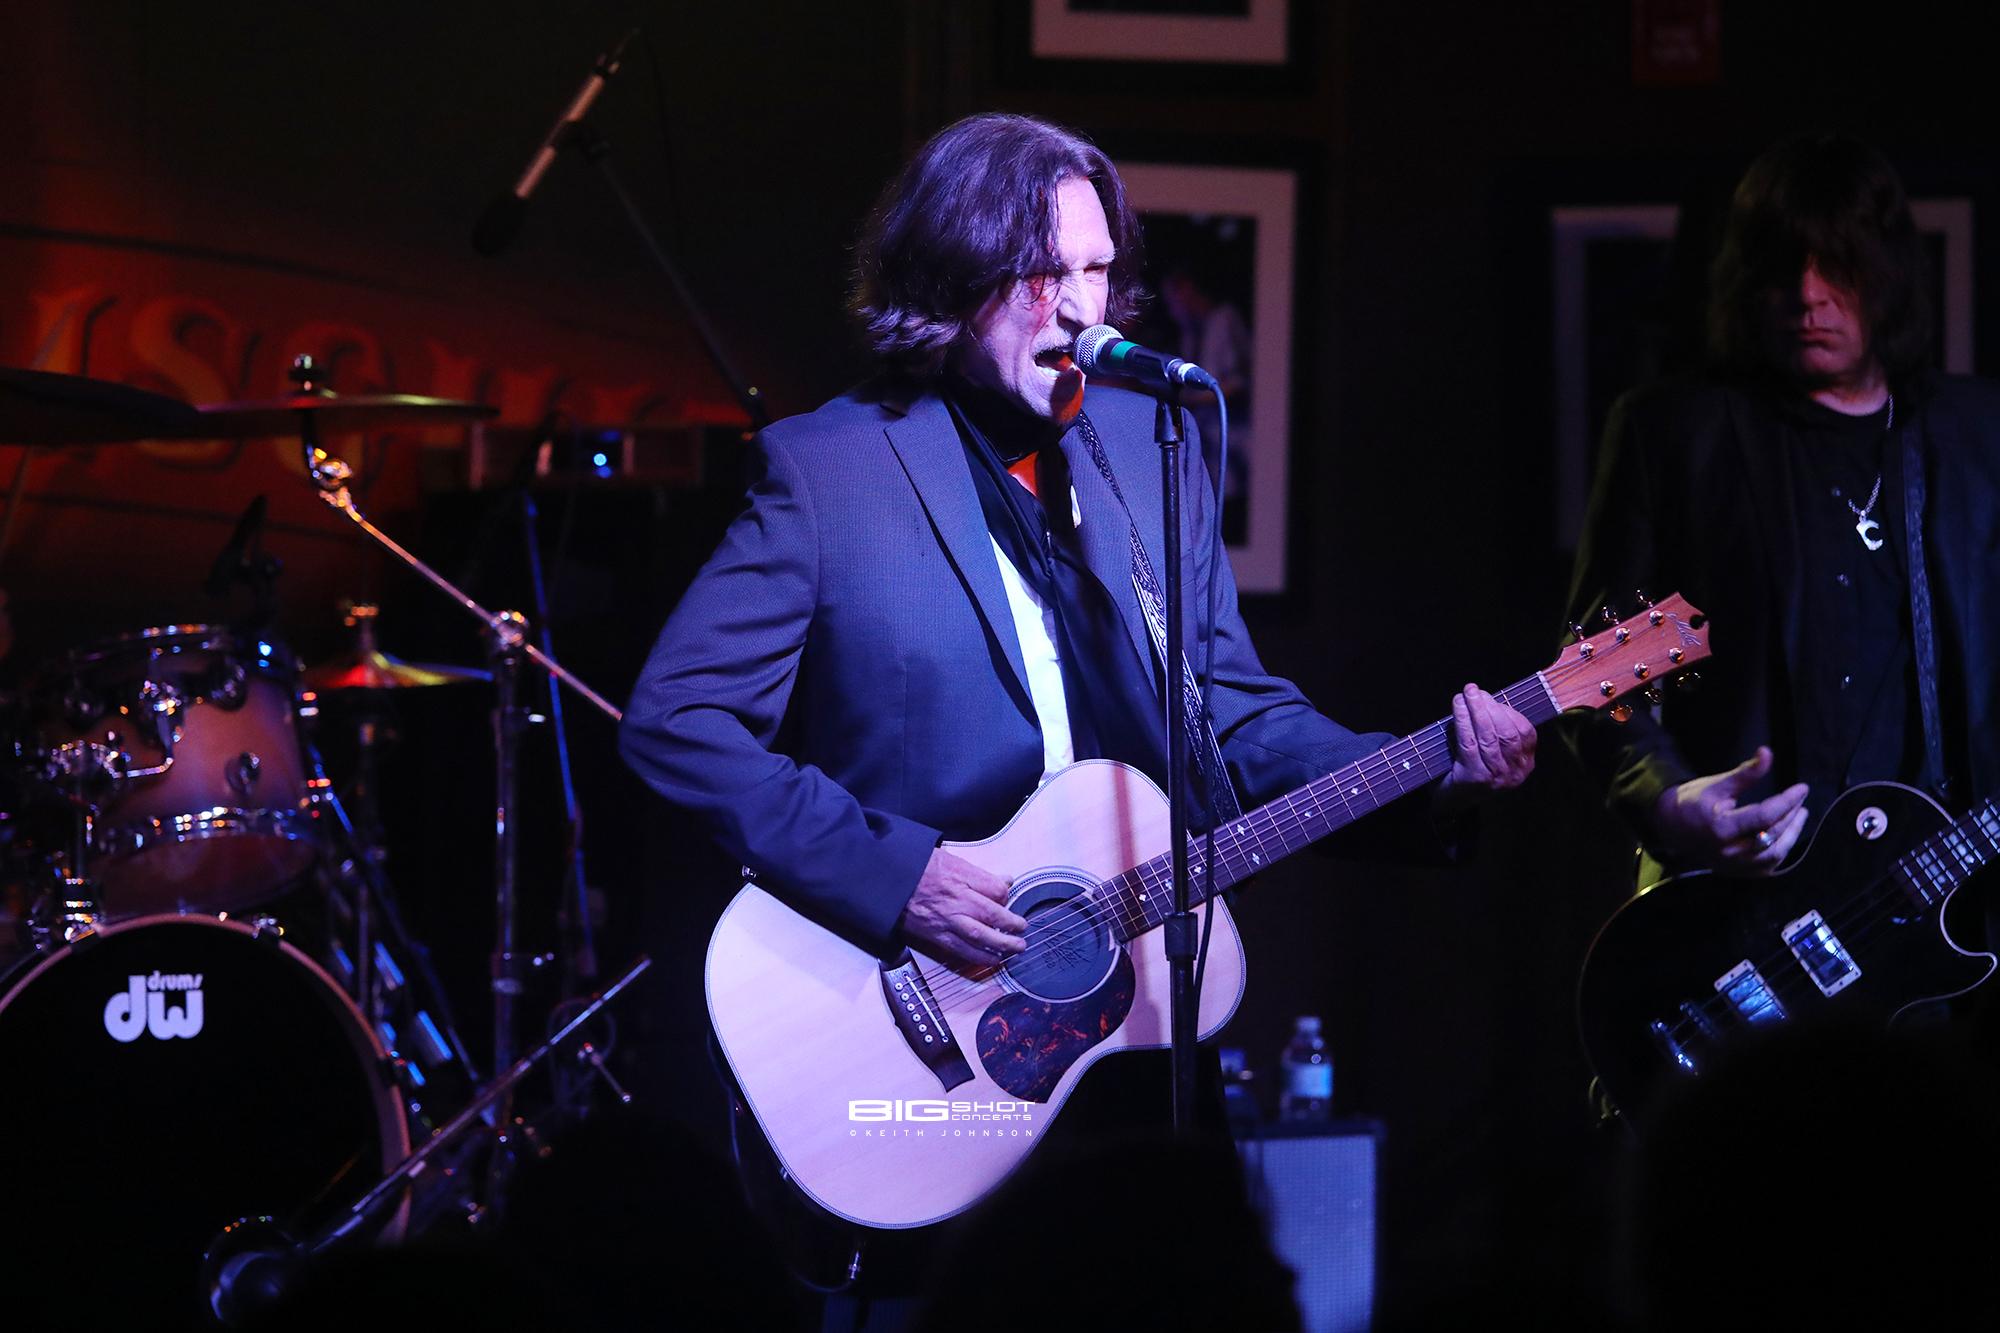 Singer John Waite Play Guitar